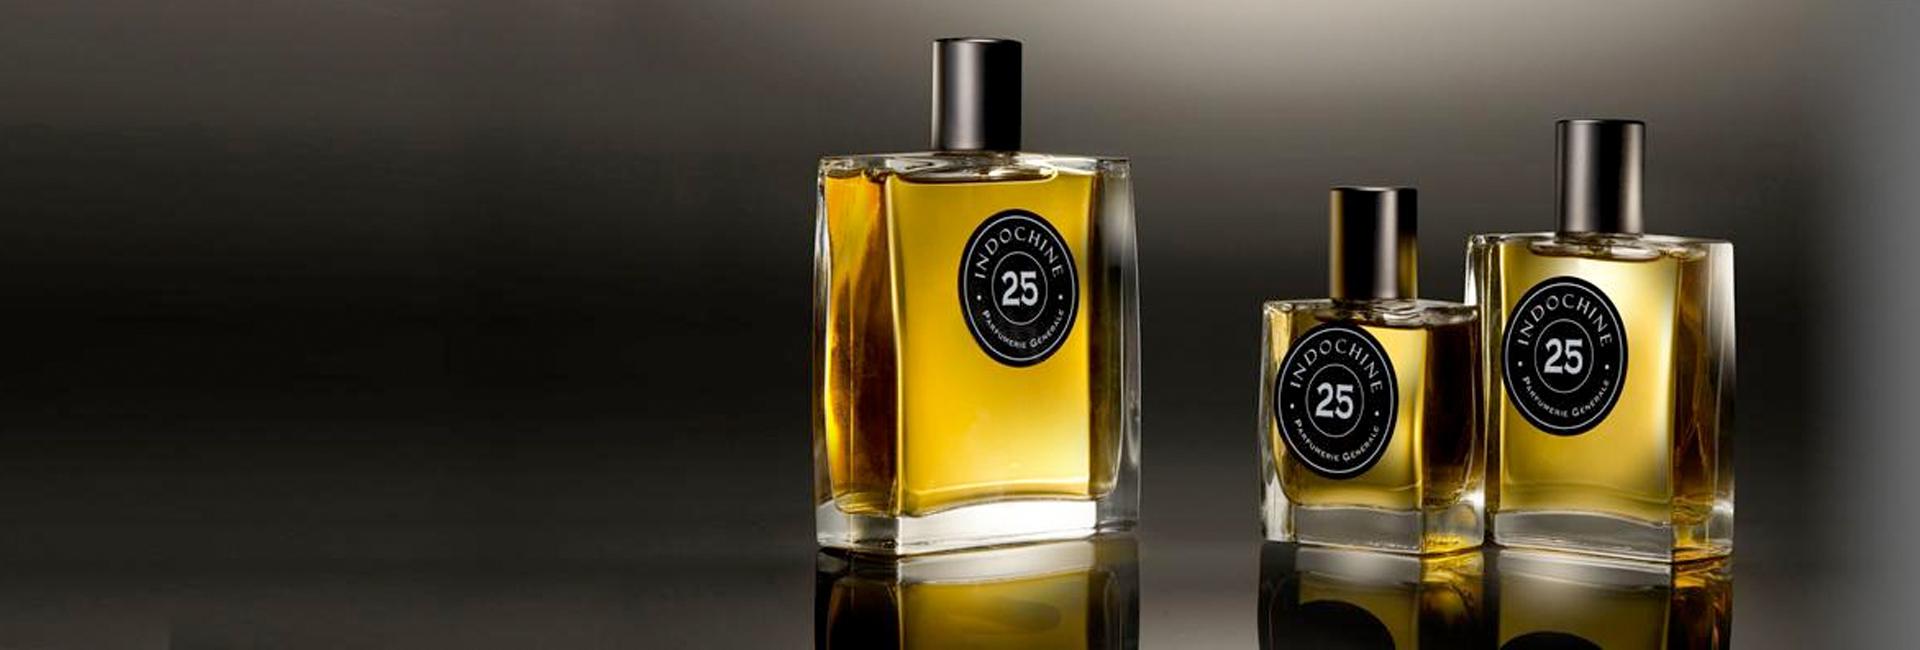 collection-numeraire-parfumerie-generale-2